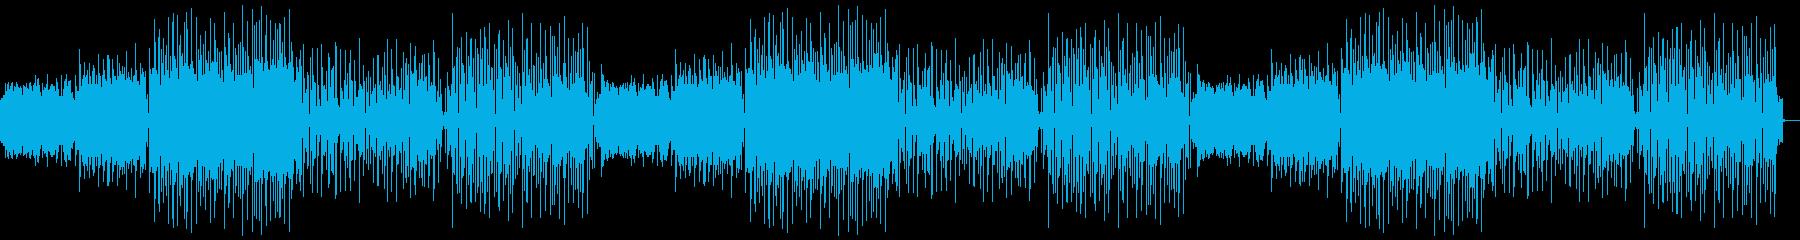 閉店BGM向け蛍の光アレンジ音素材01の再生済みの波形